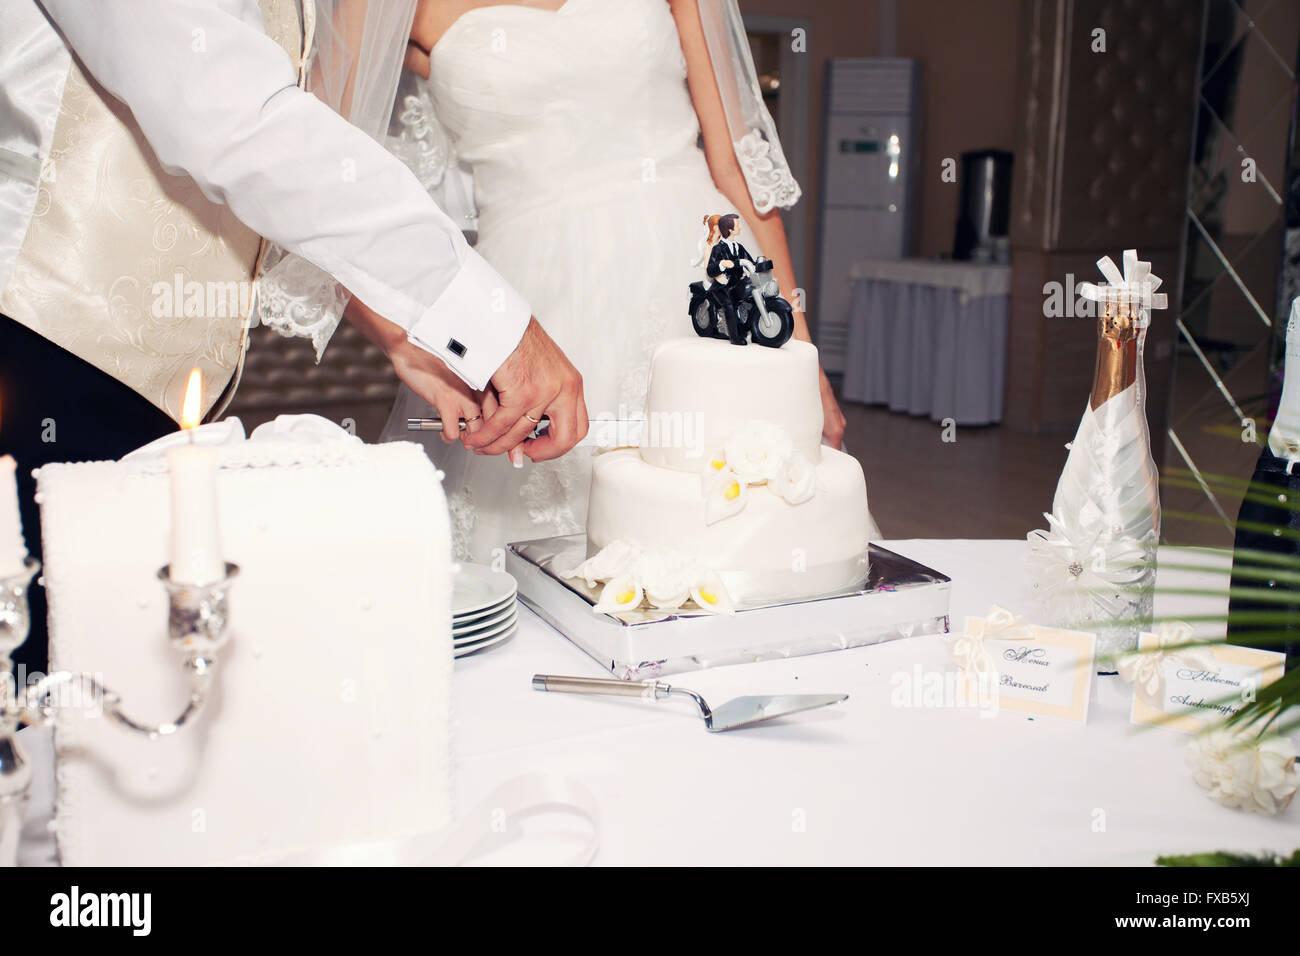 Frisch Vermahlte Schneiden Die Hochzeitstorte Brautpaar Am Motorrad